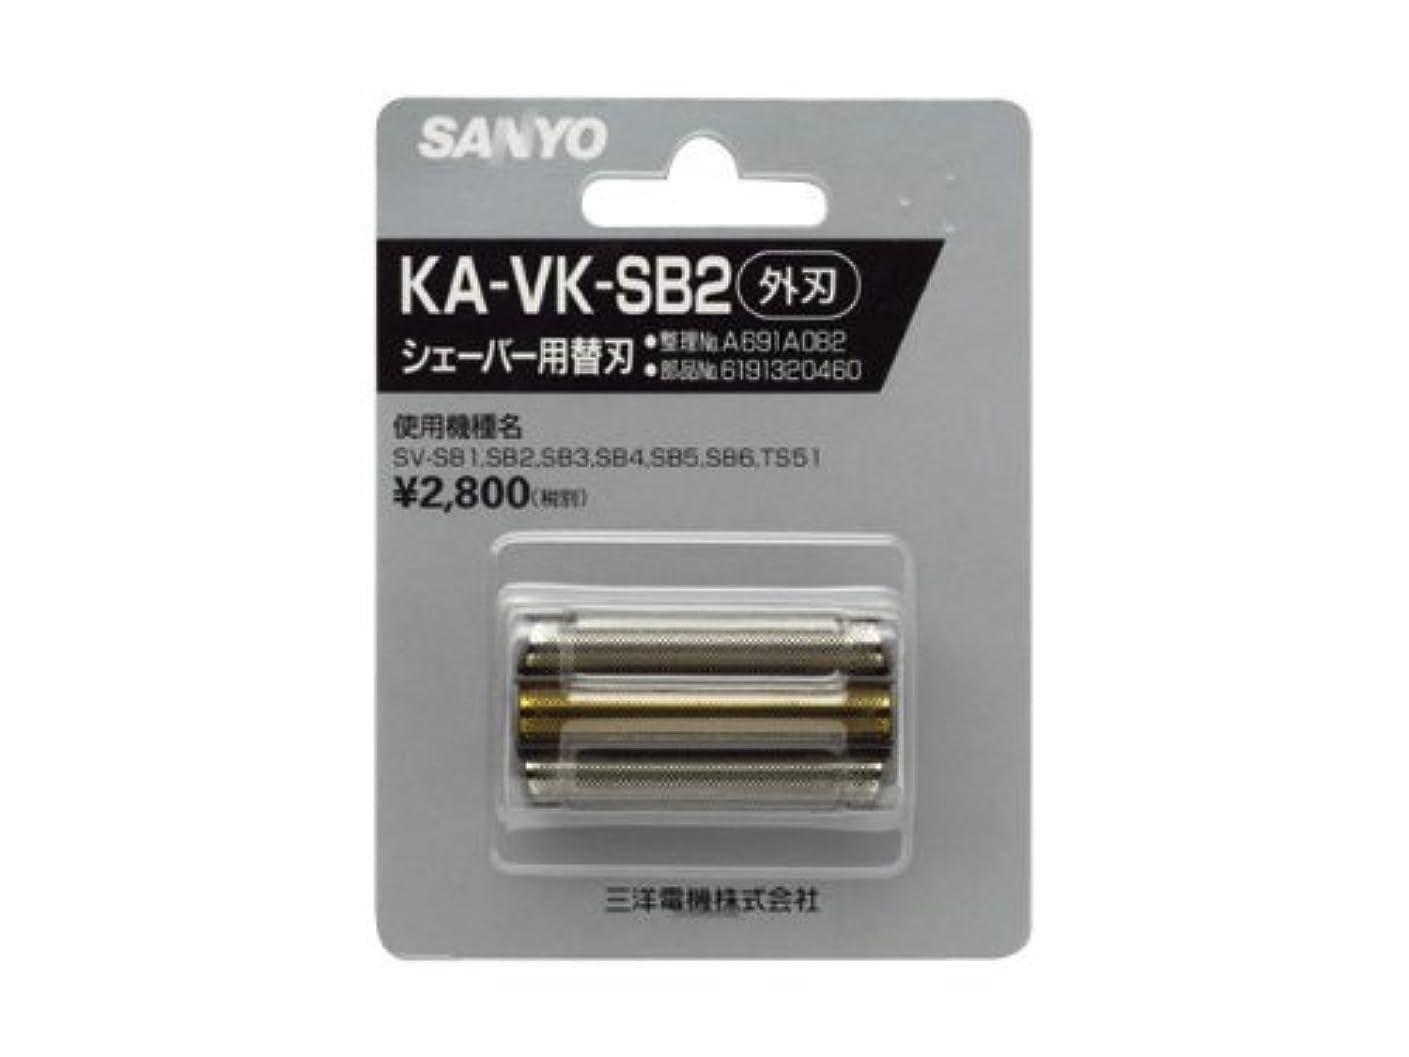 Panasonic シェーバー用替刃 外刃 6191320460